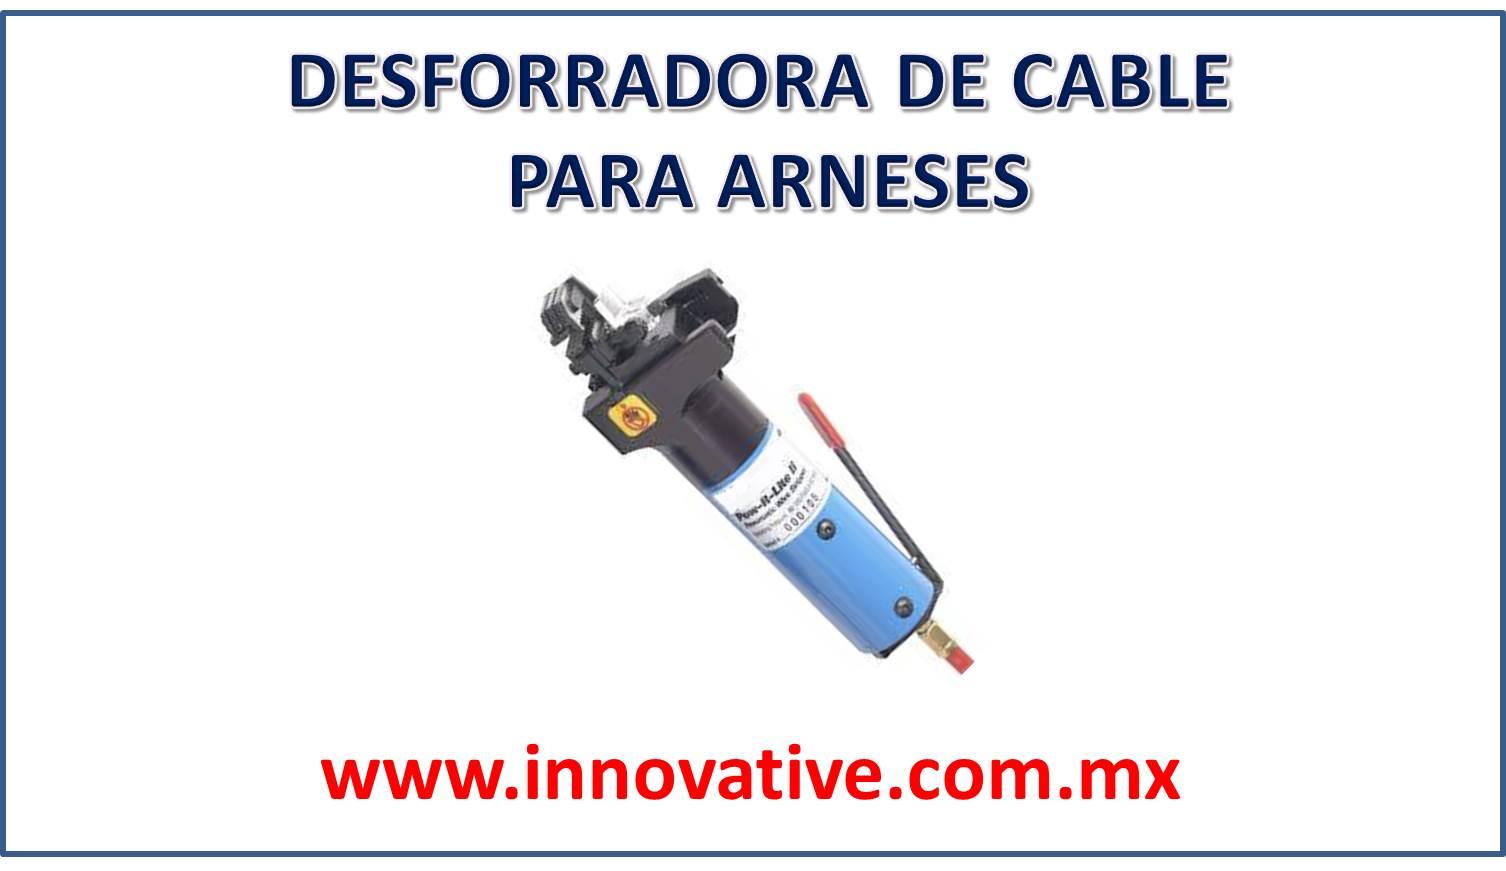 DESFORRADORA DE CABLE PARA ARNESES